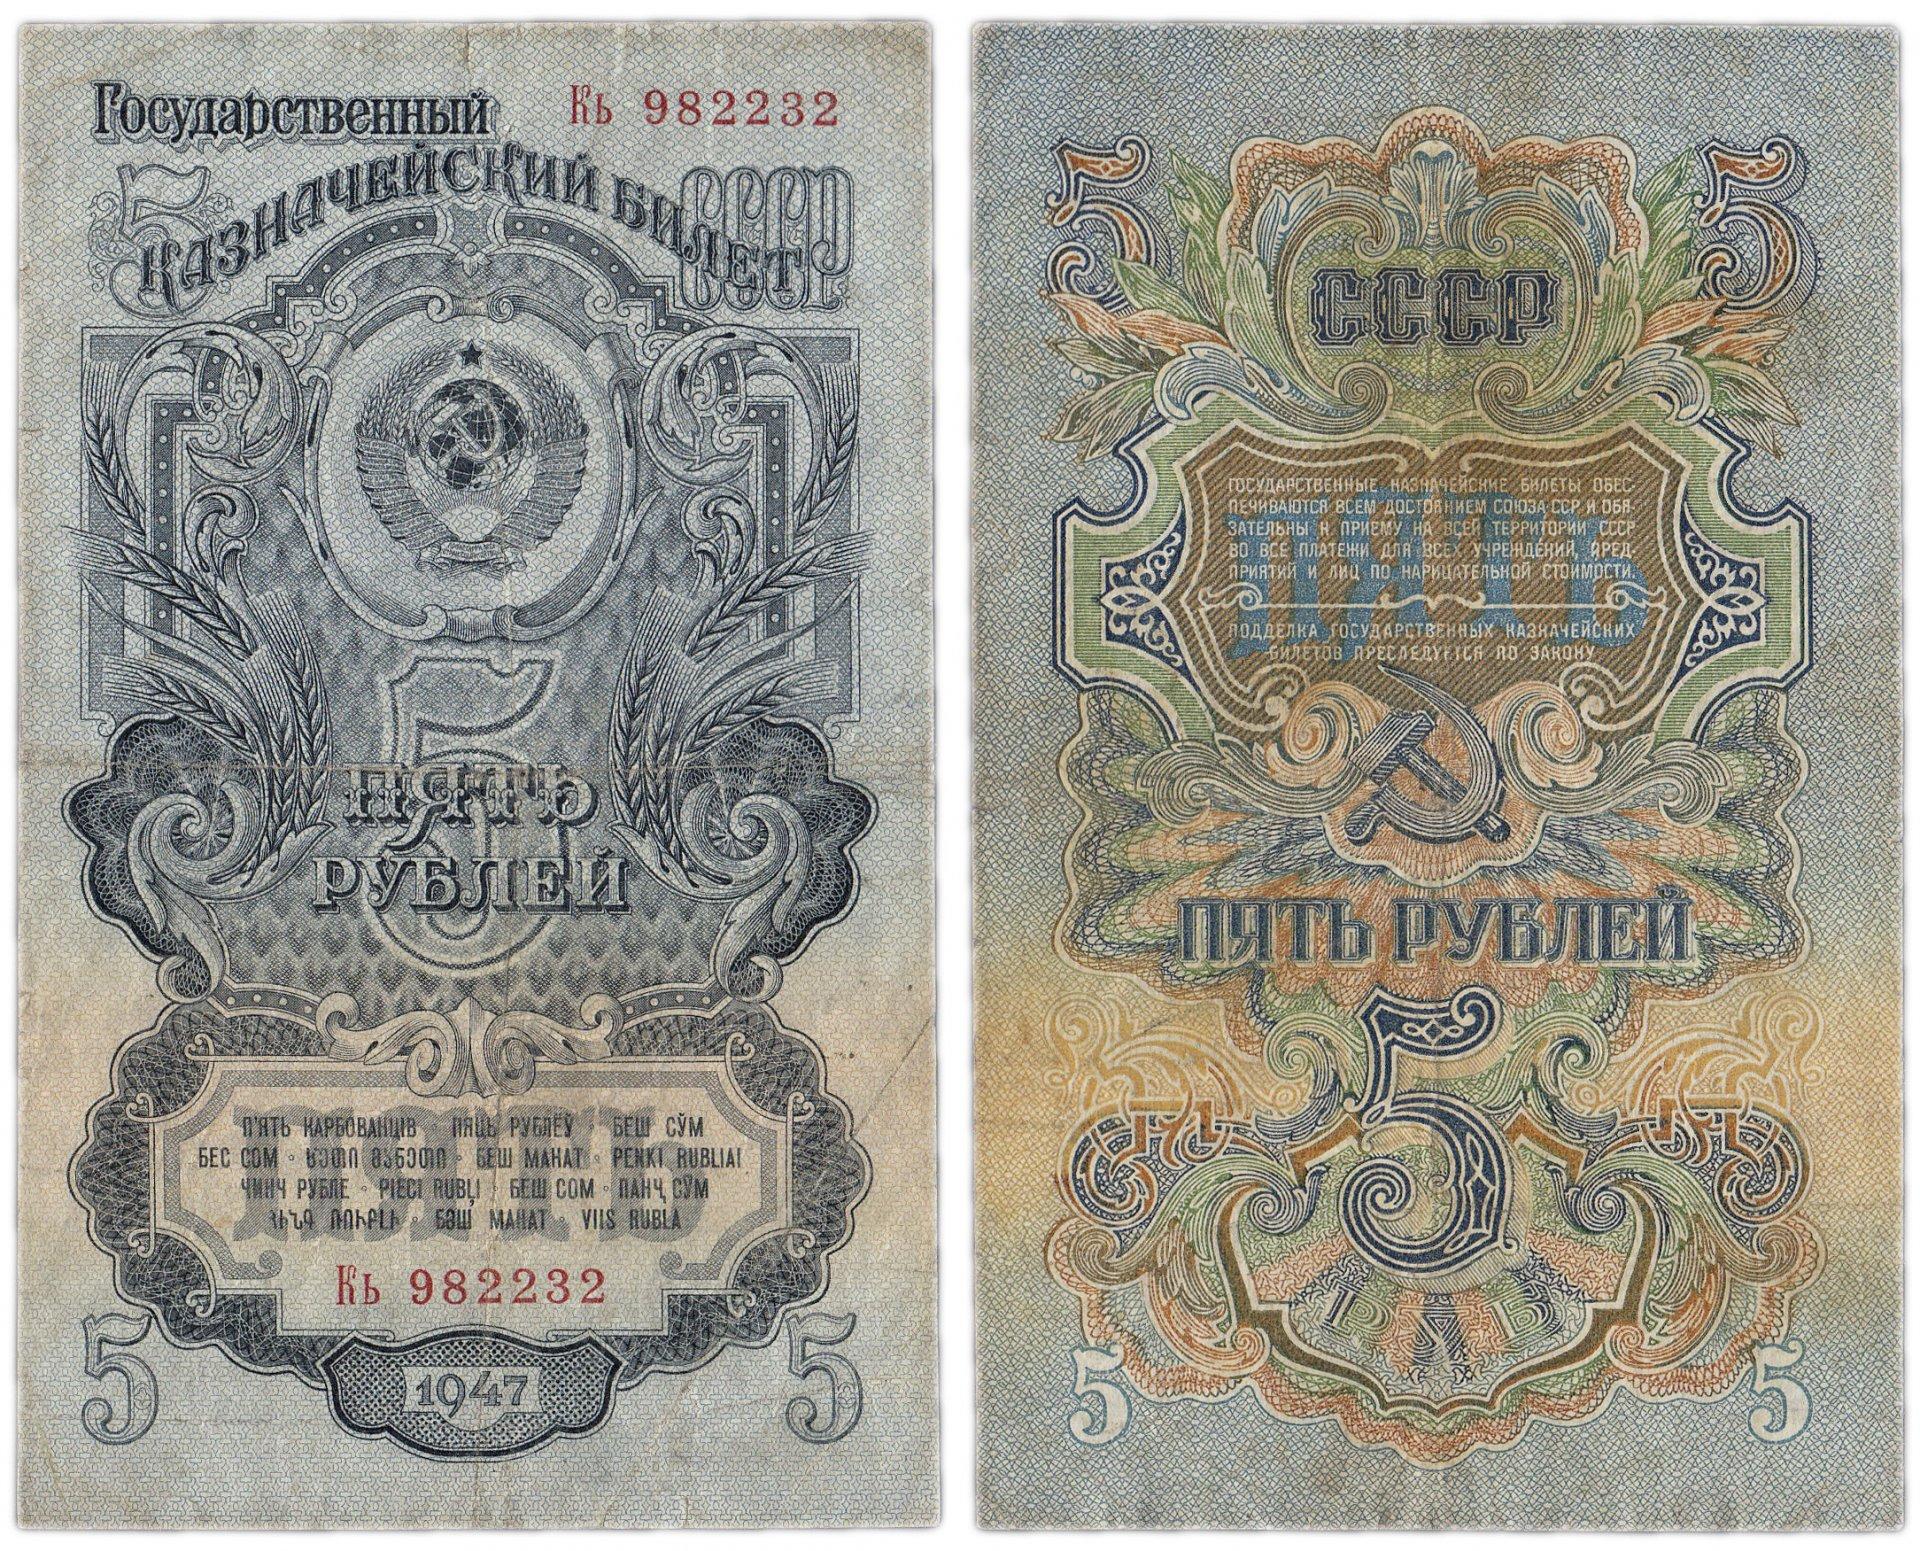 Почему советские банкноты были столь похожи на царские?